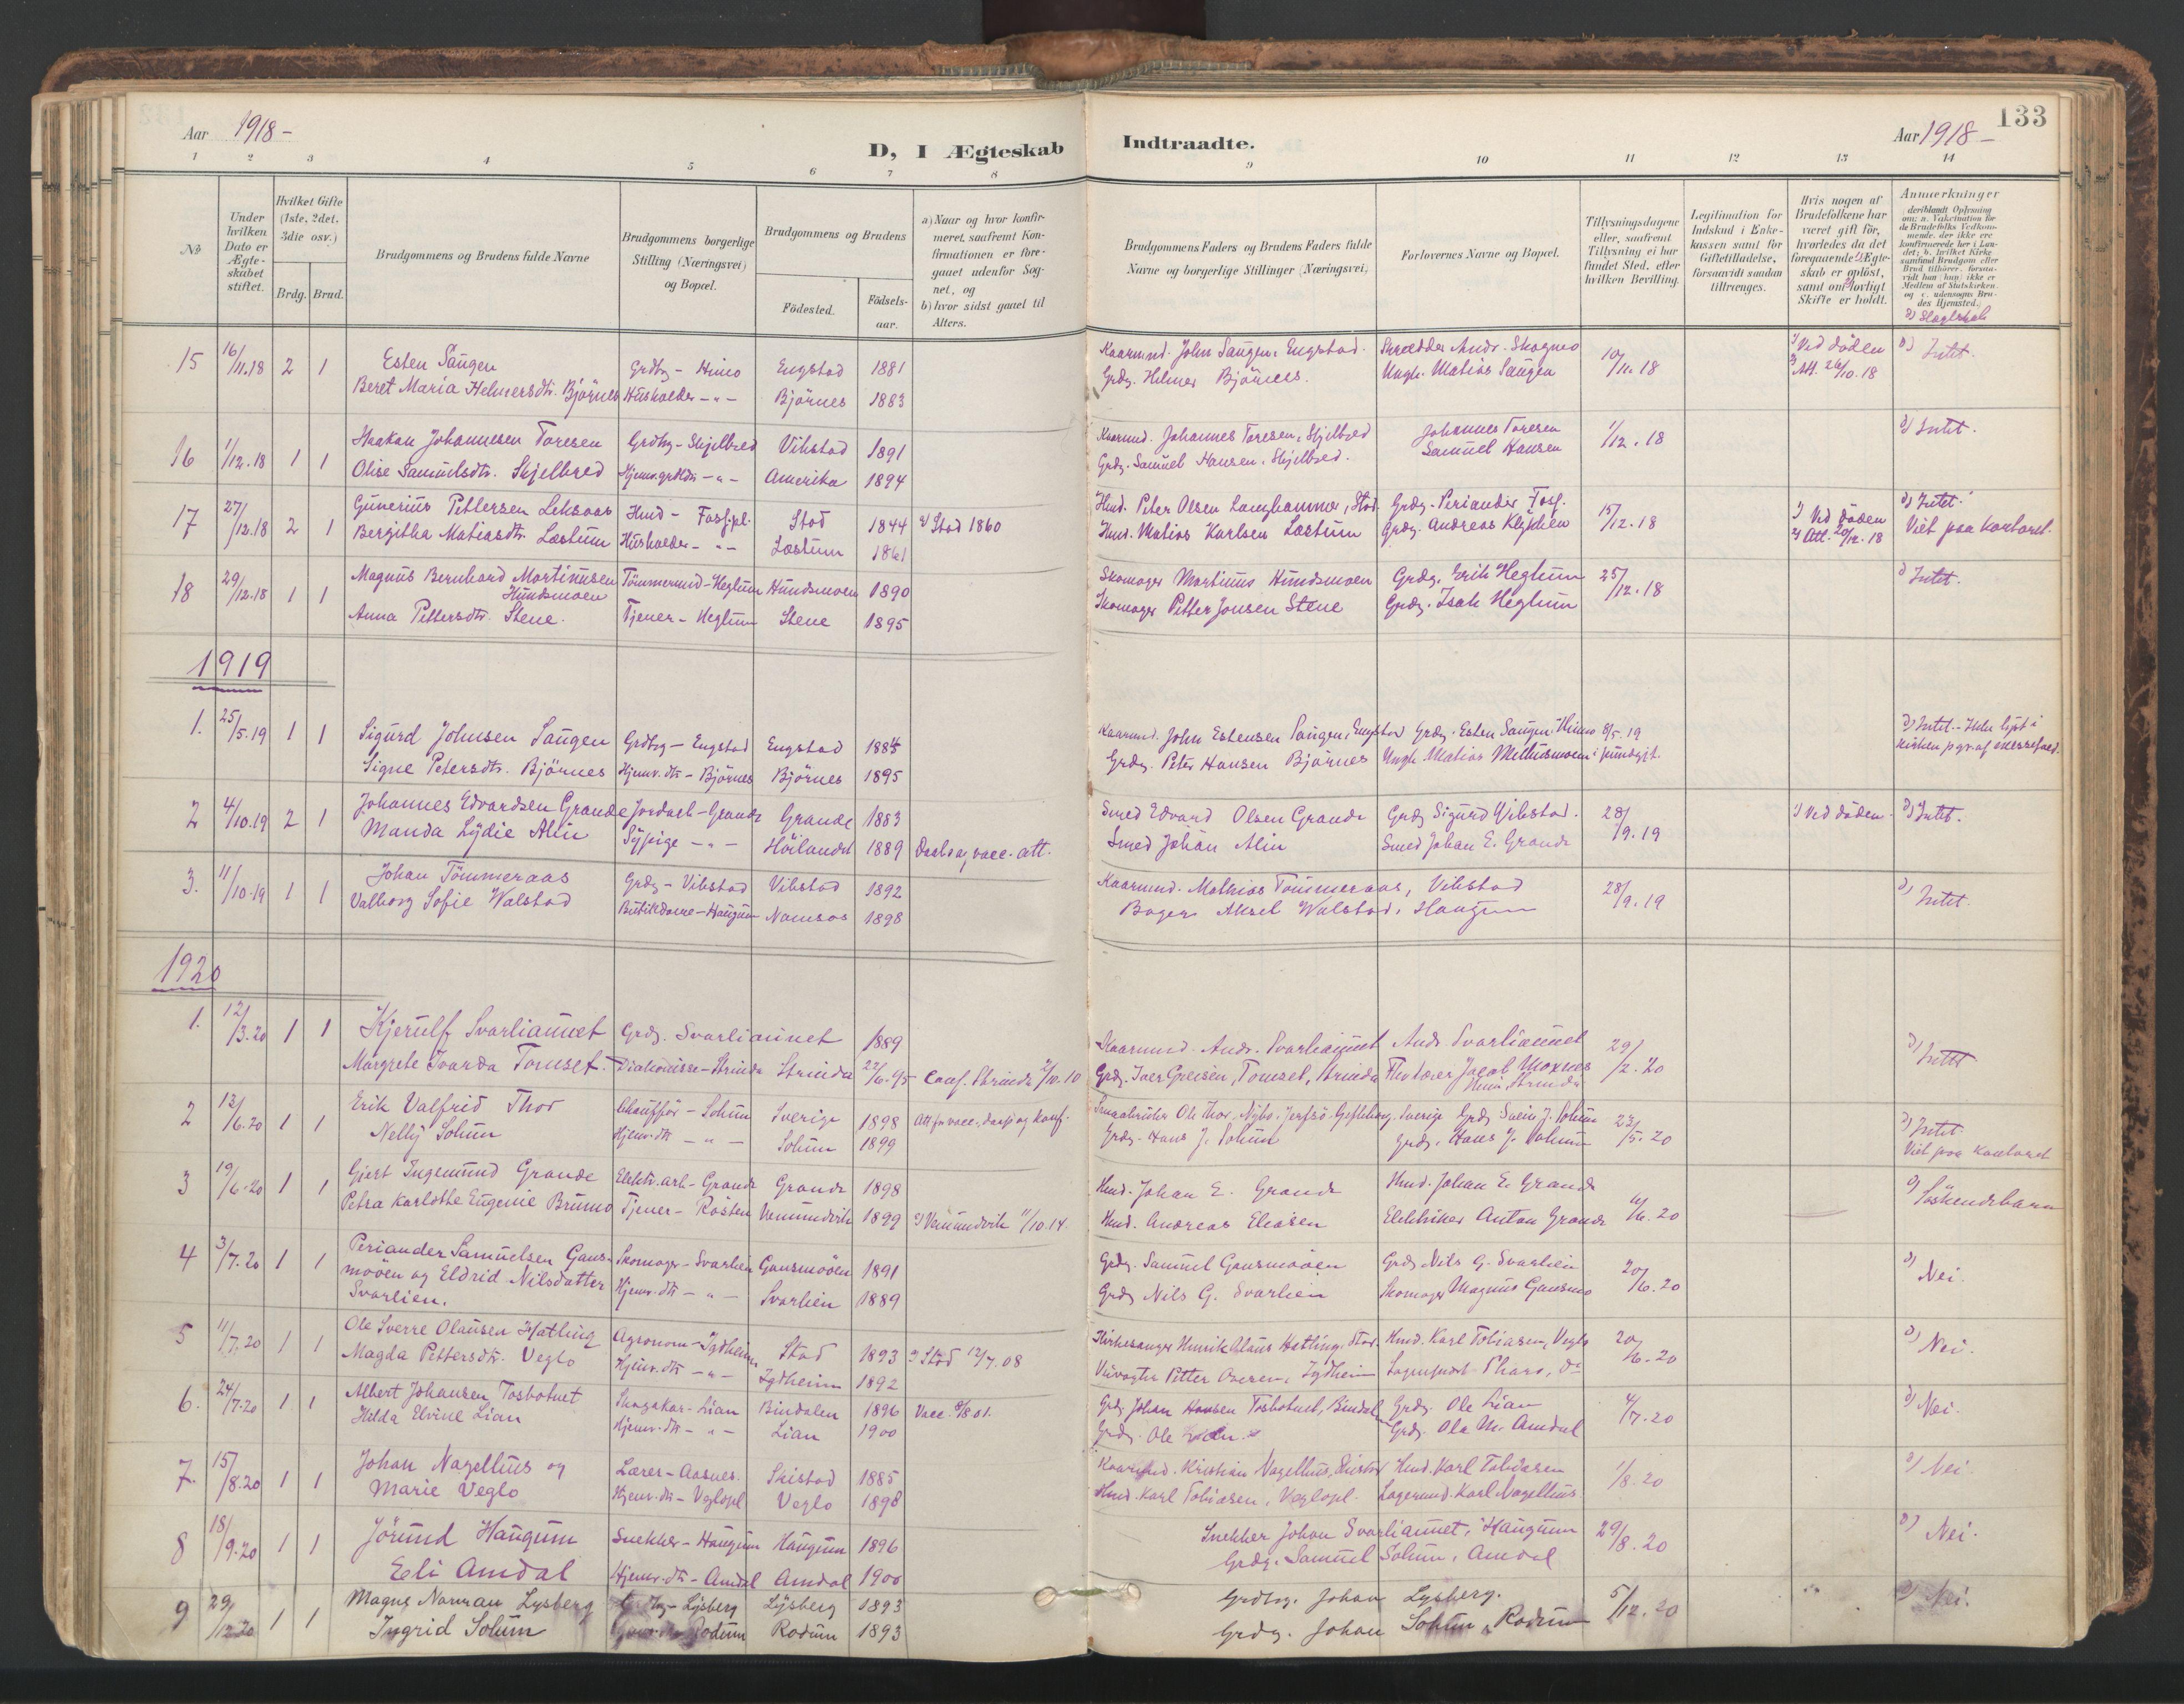 SAT, Ministerialprotokoller, klokkerbøker og fødselsregistre - Nord-Trøndelag, 764/L0556: Ministerialbok nr. 764A11, 1897-1924, s. 133